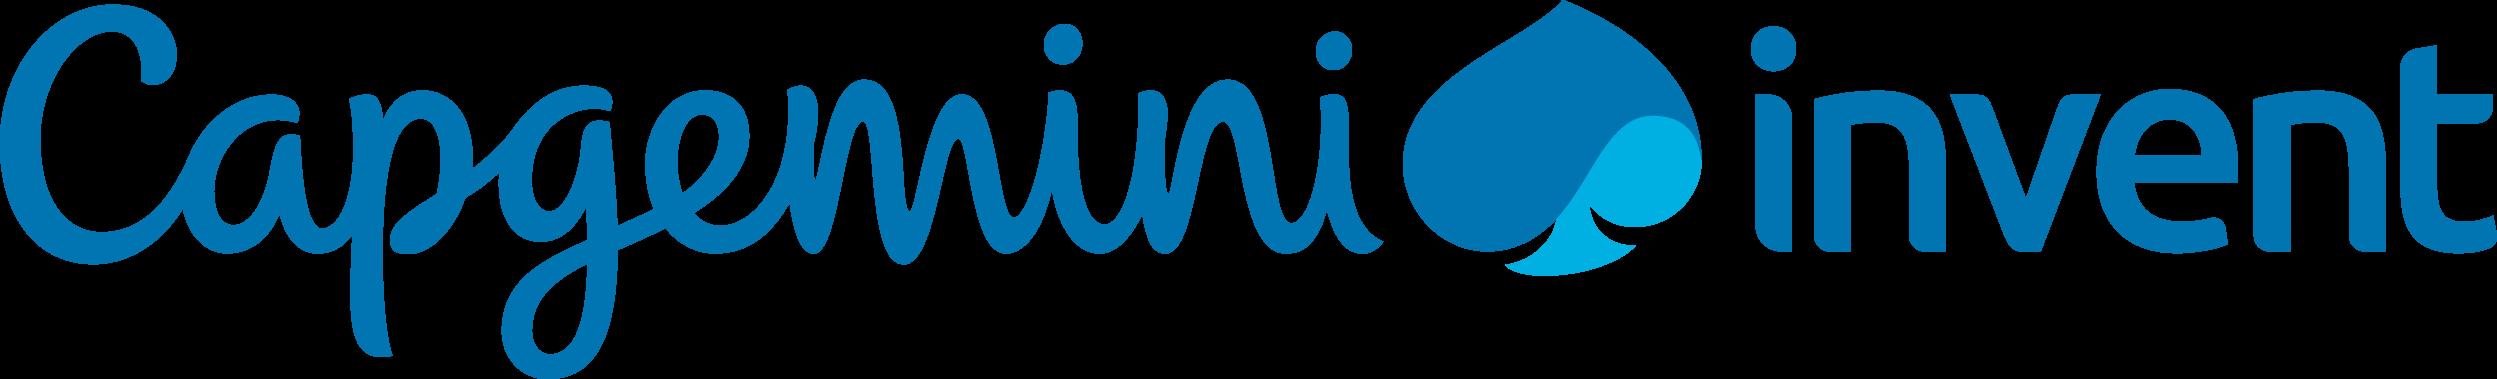 Capgemini Invent logo